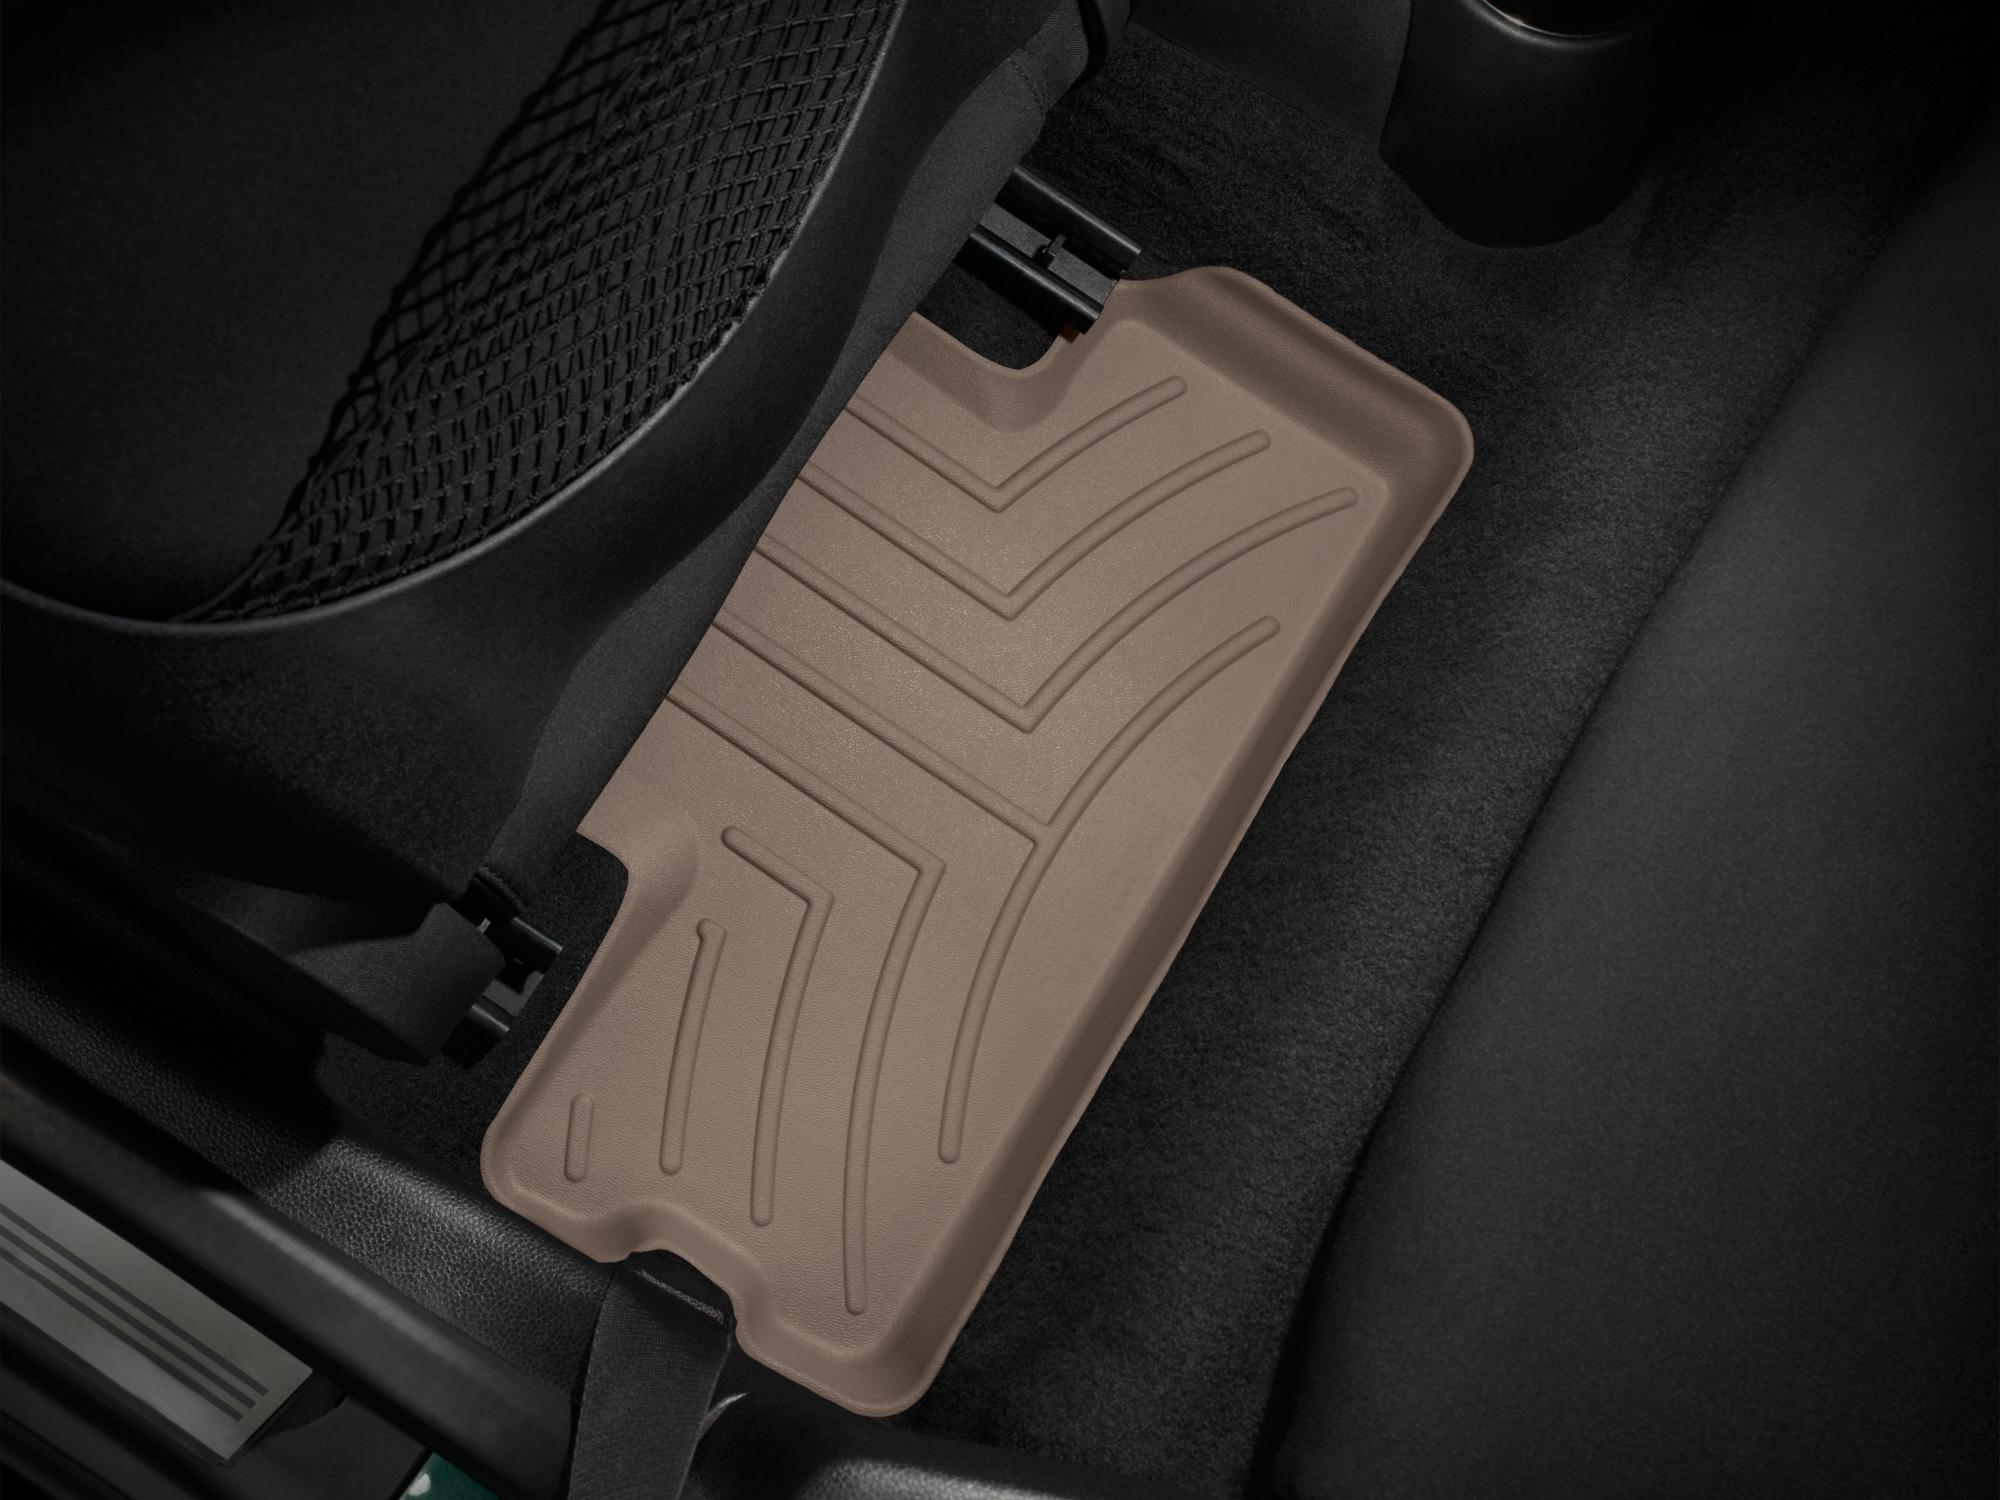 Tappeti gomma su misura bordo alto MINI Cooper / Cooper S 02>13 Marrone A2669*